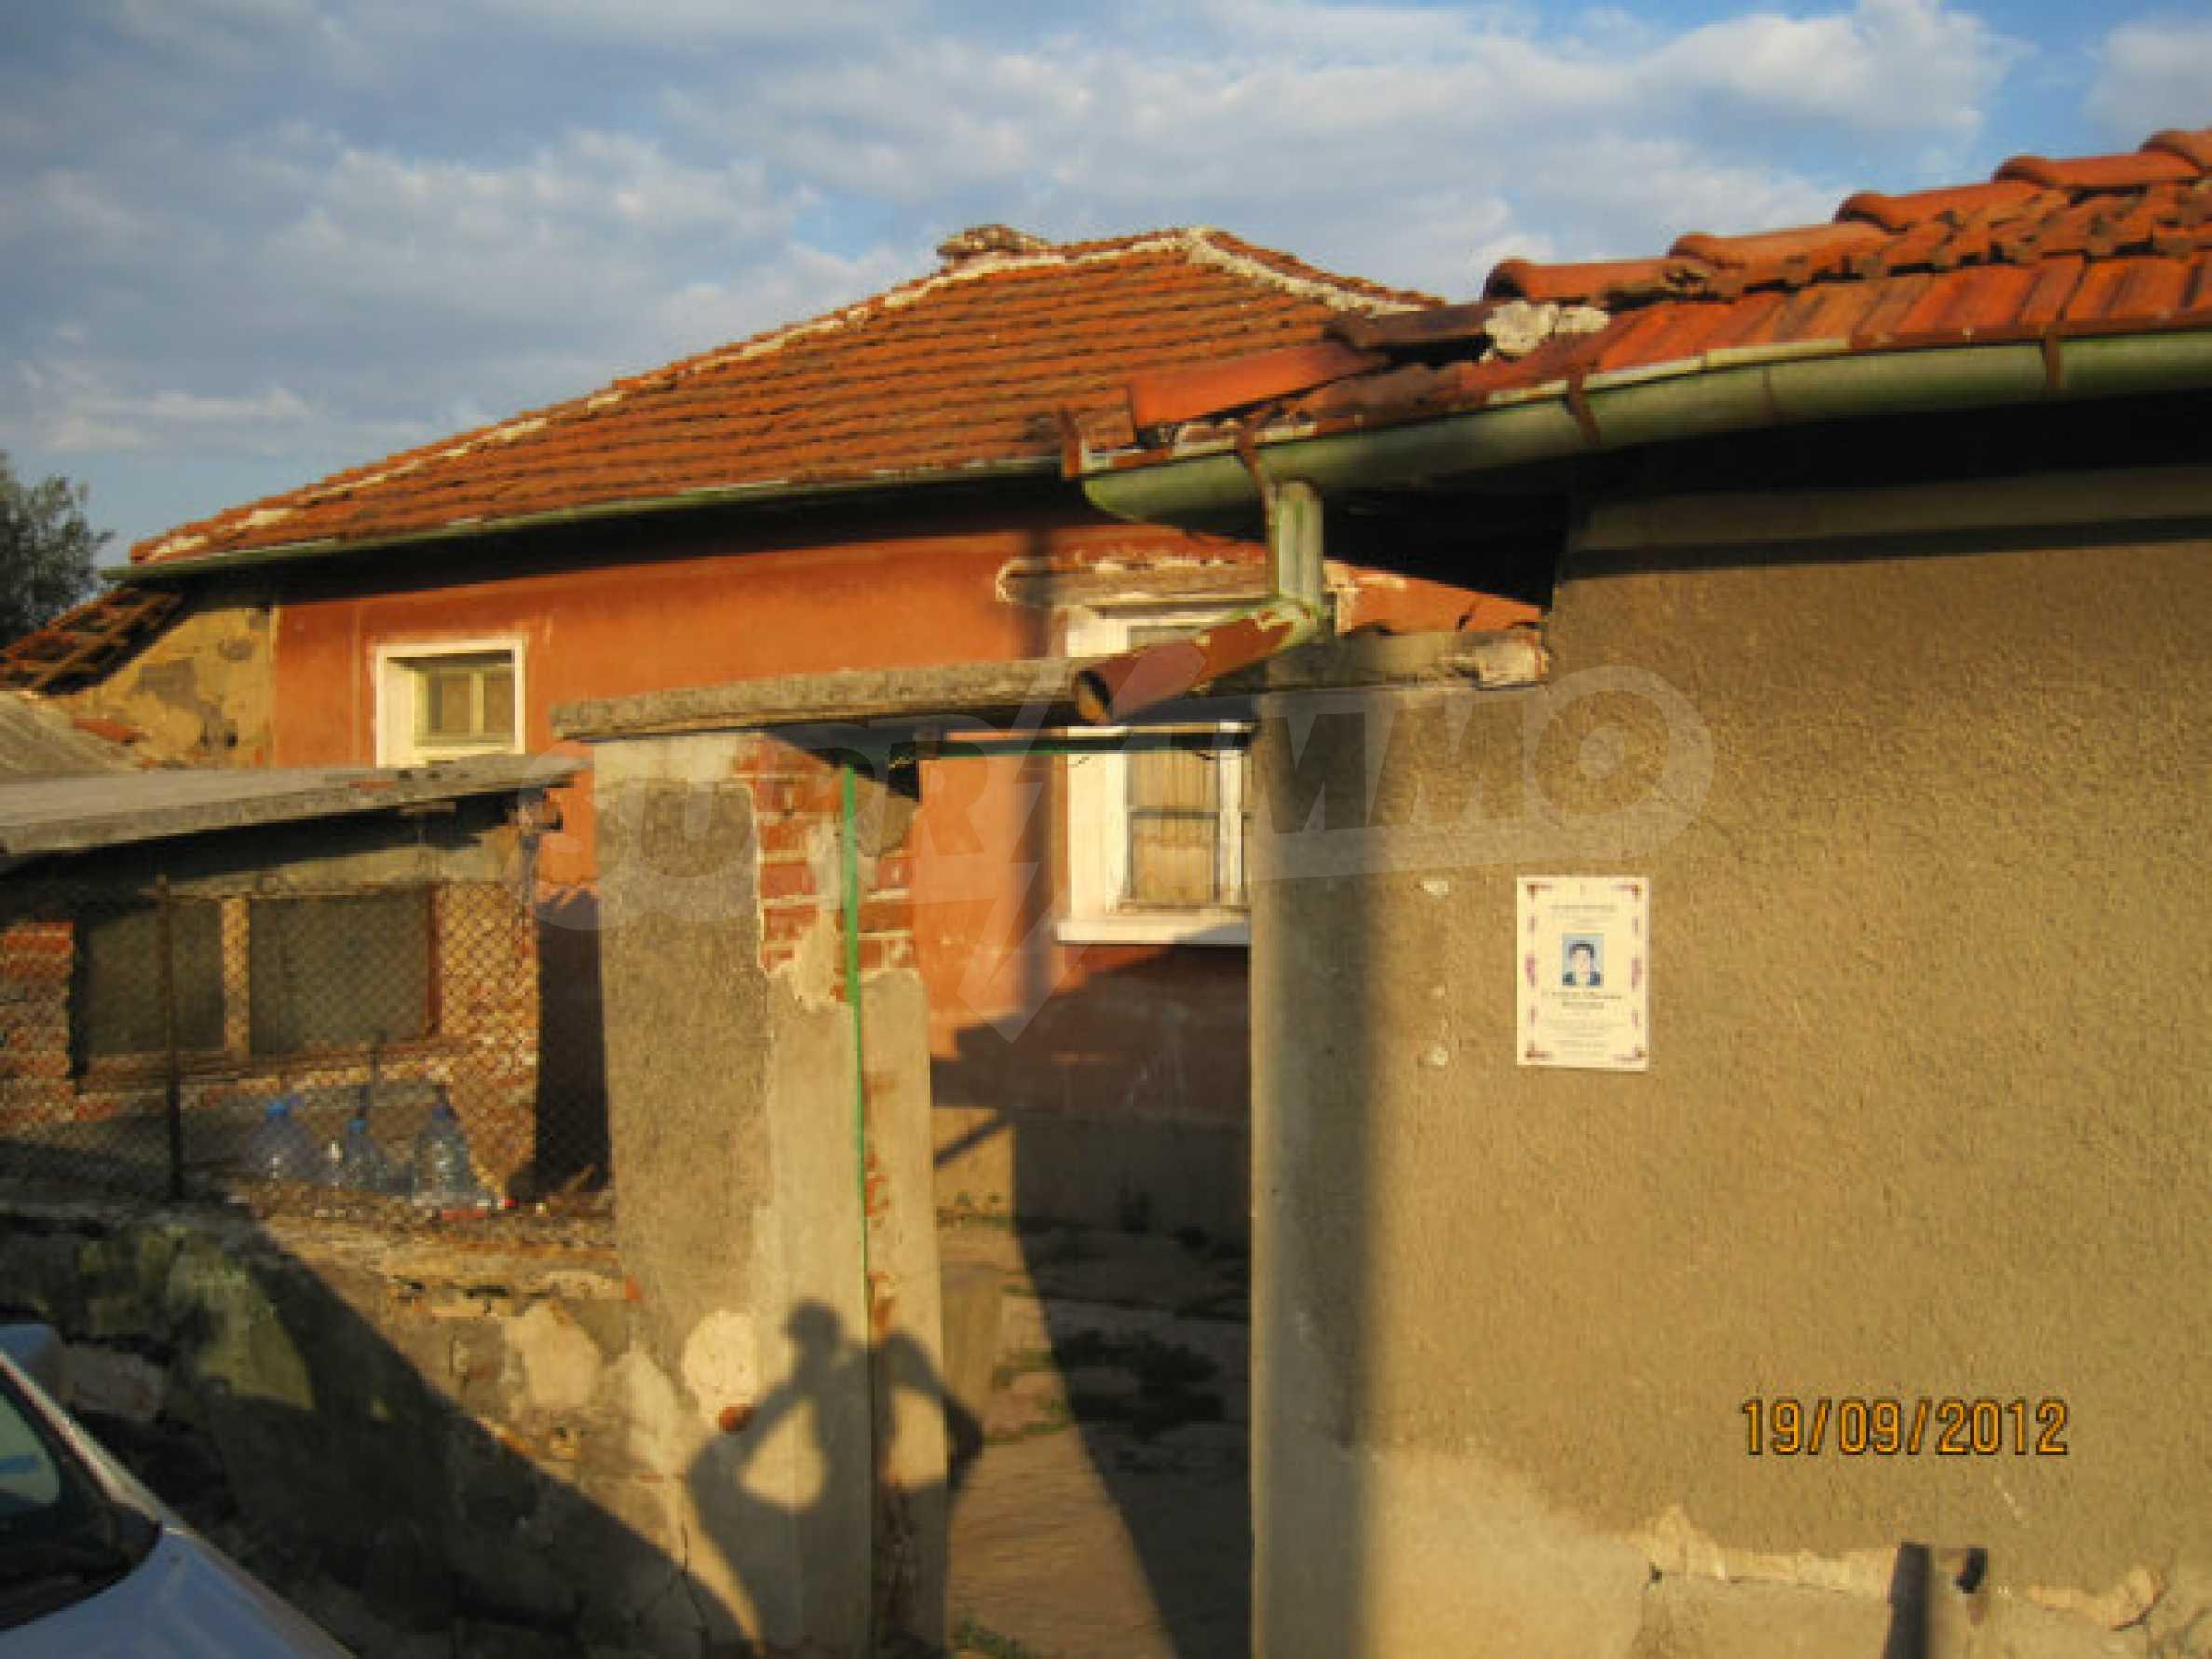 Einfamilienhaus mit Hof zum Verkauf in einem ruhigen Dorf in der Nähe von Dimitrovgrad